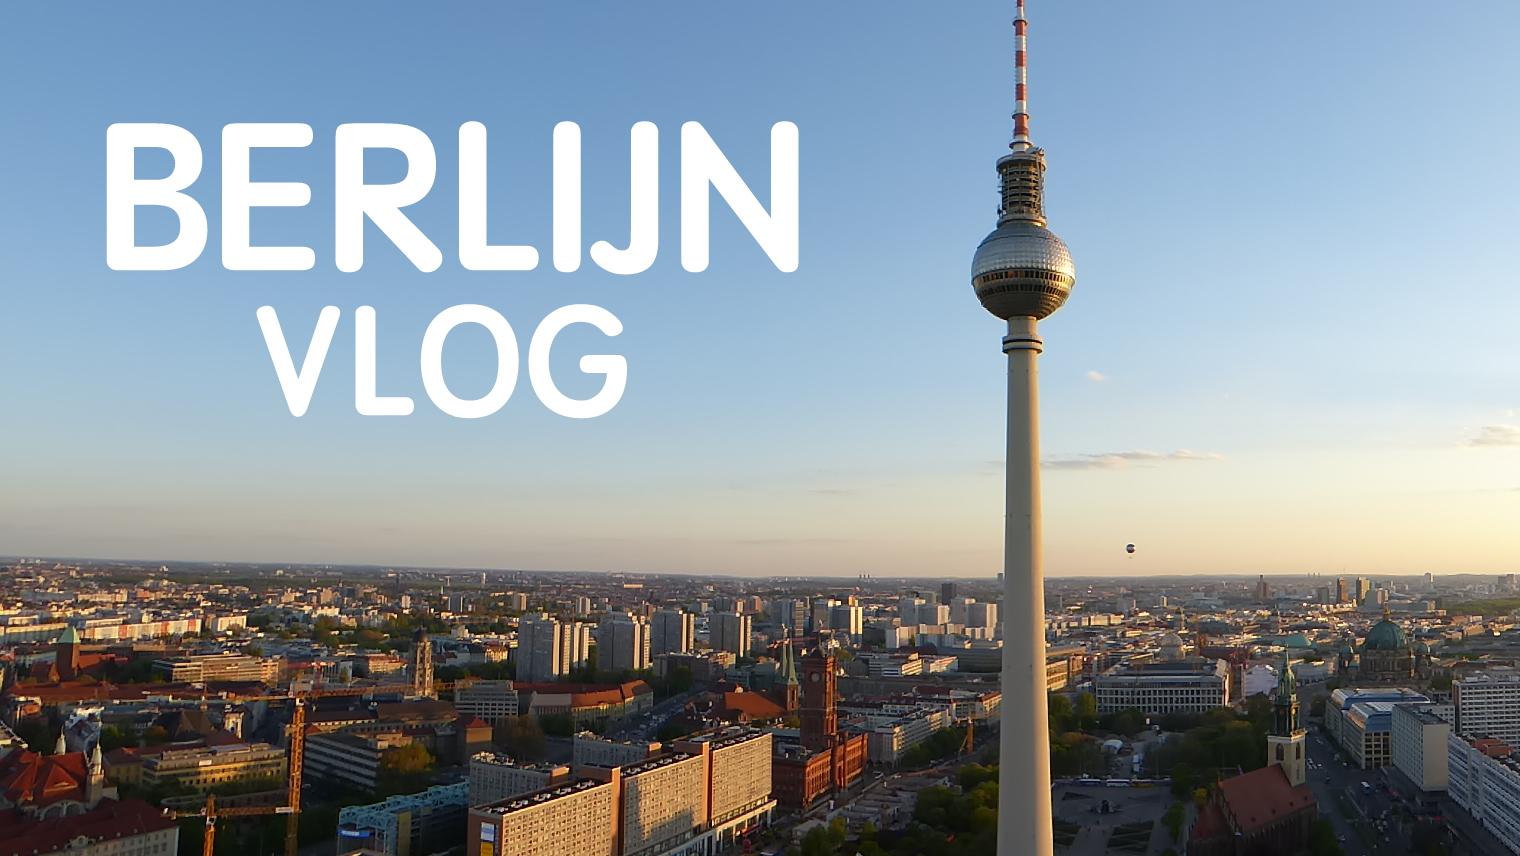 Berlijn vlog Cystic Fibrosis